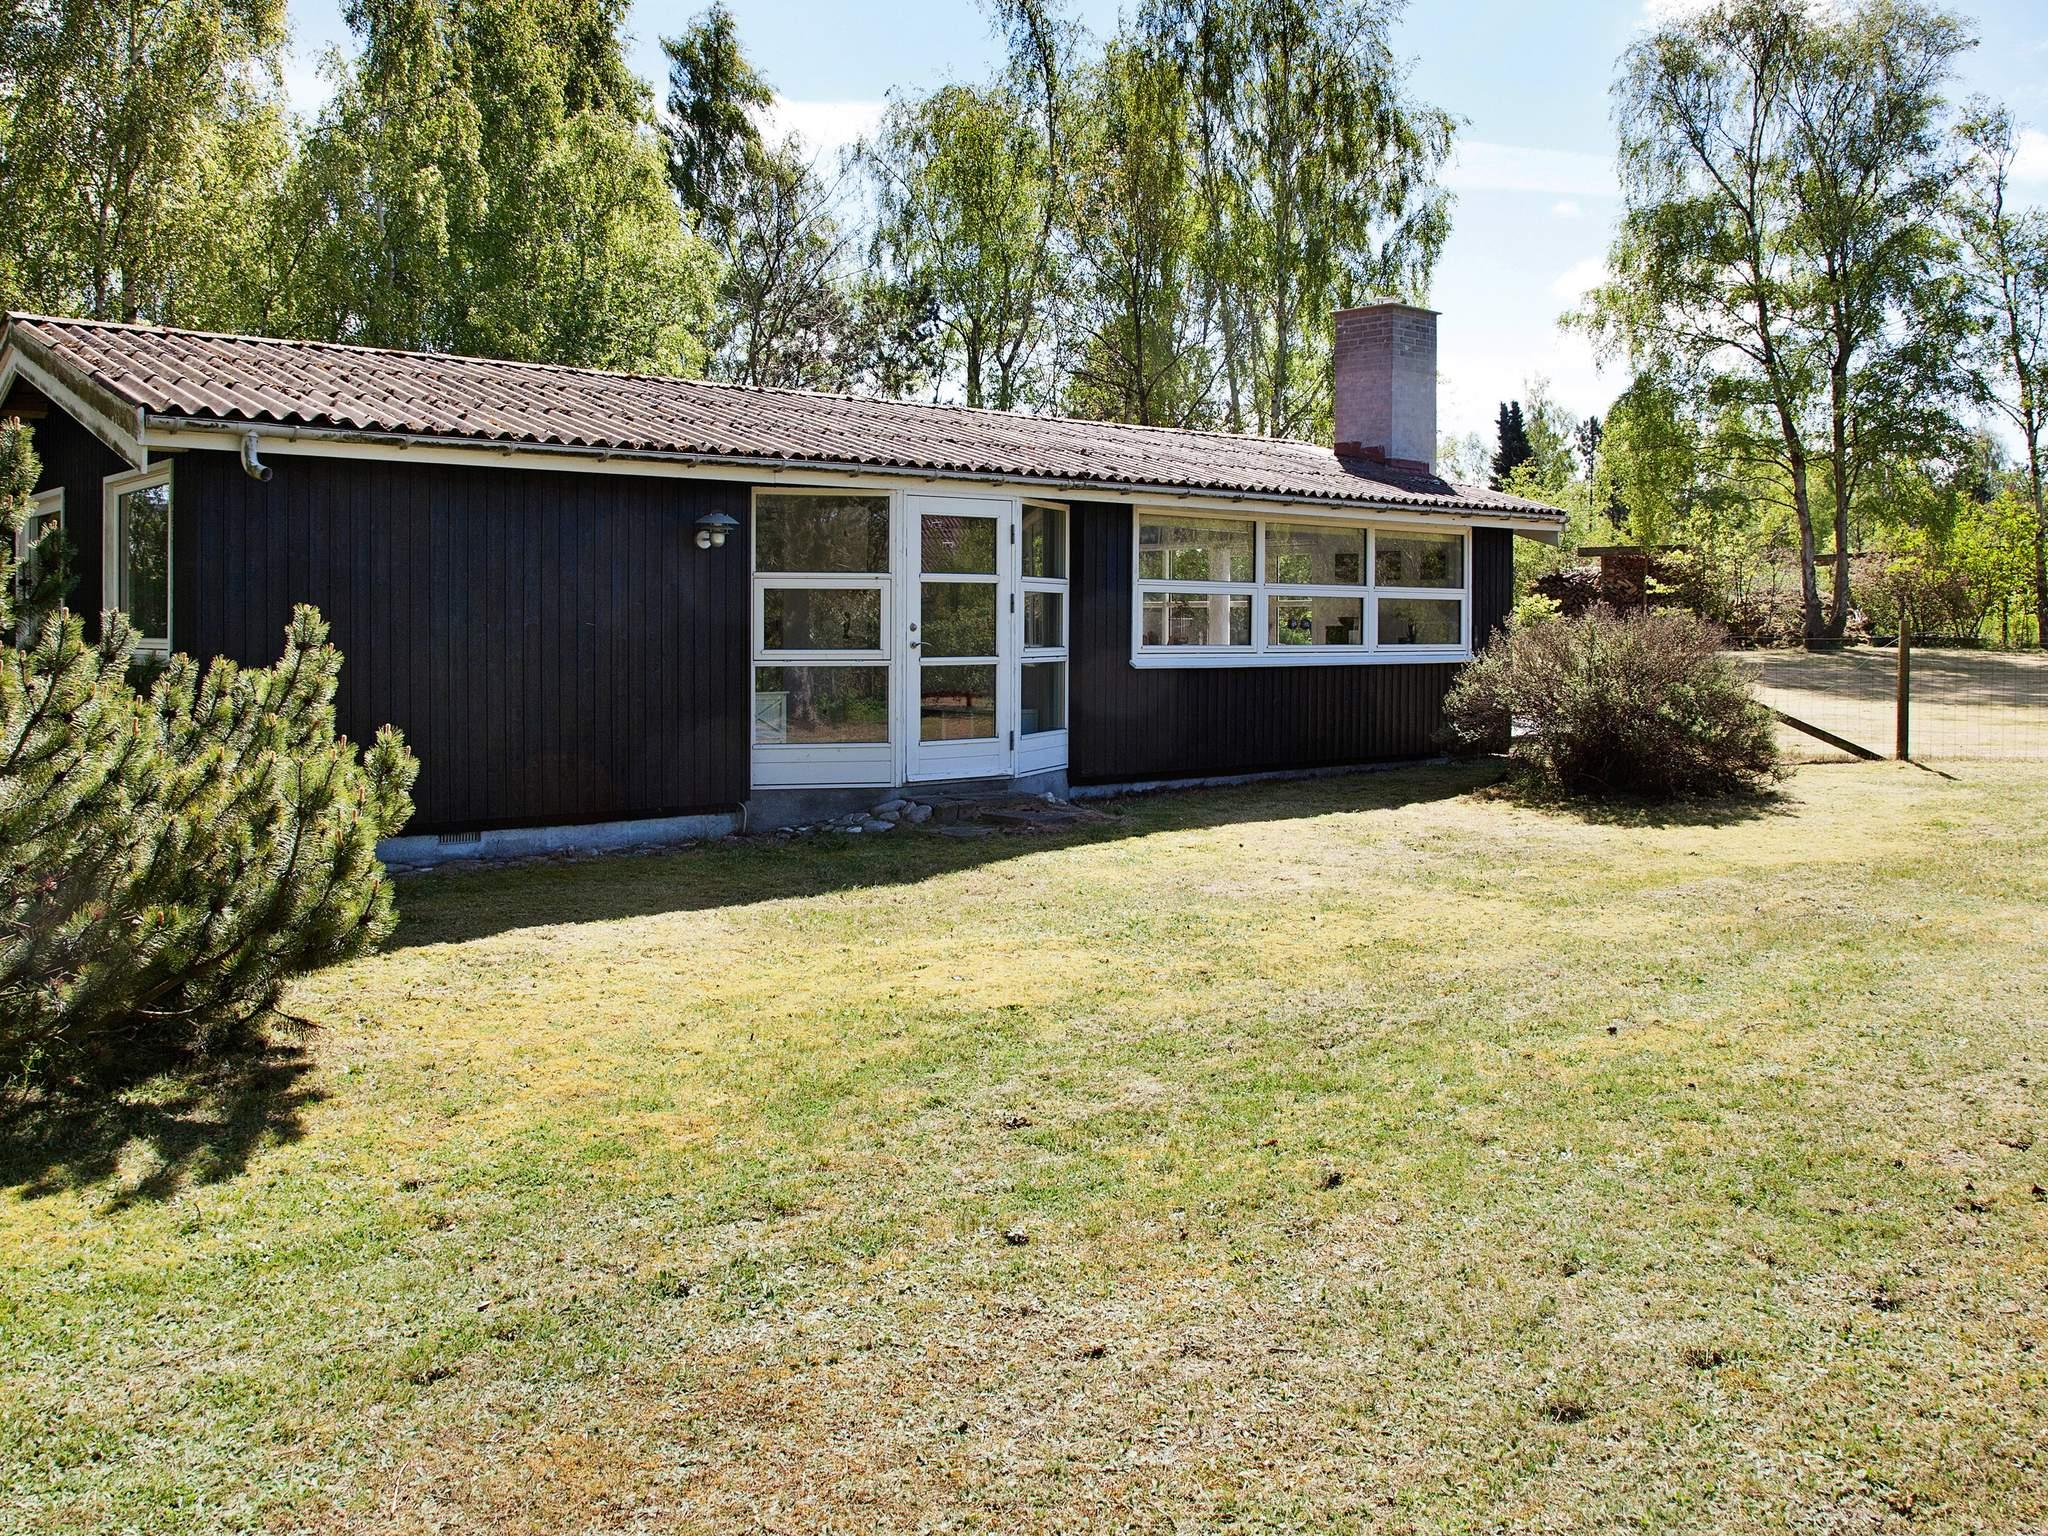 Ferienhaus Røsnæs/Vollerup (978617), Kalundborg, , Westseeland, Dänemark, Bild 1